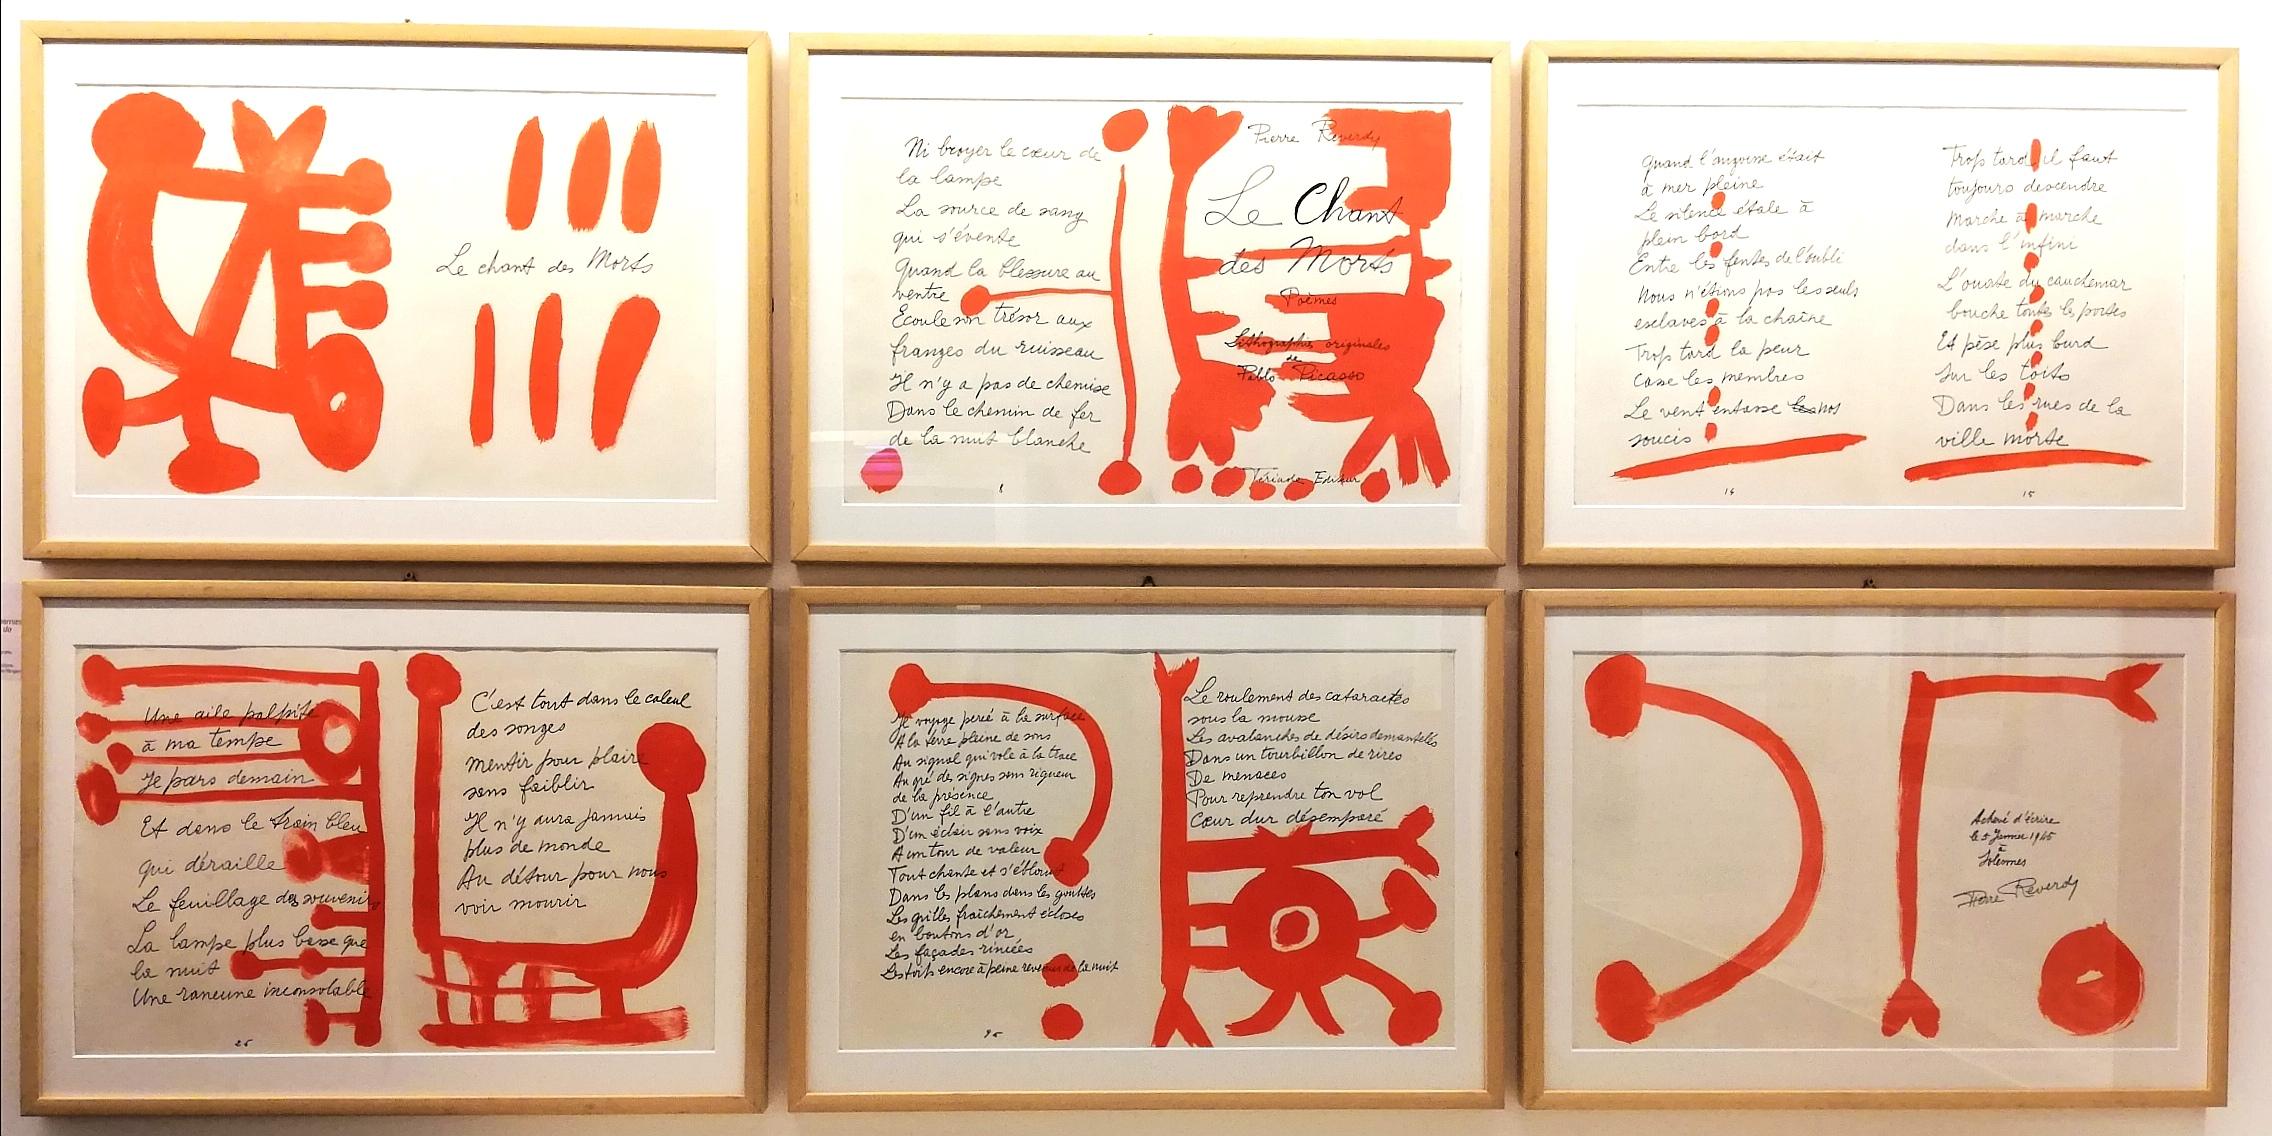 """Pablo Picasso, Pierre Reverdy, """"Le Chant des Morts. Poemes"""" (1948, edito da Tériade)"""